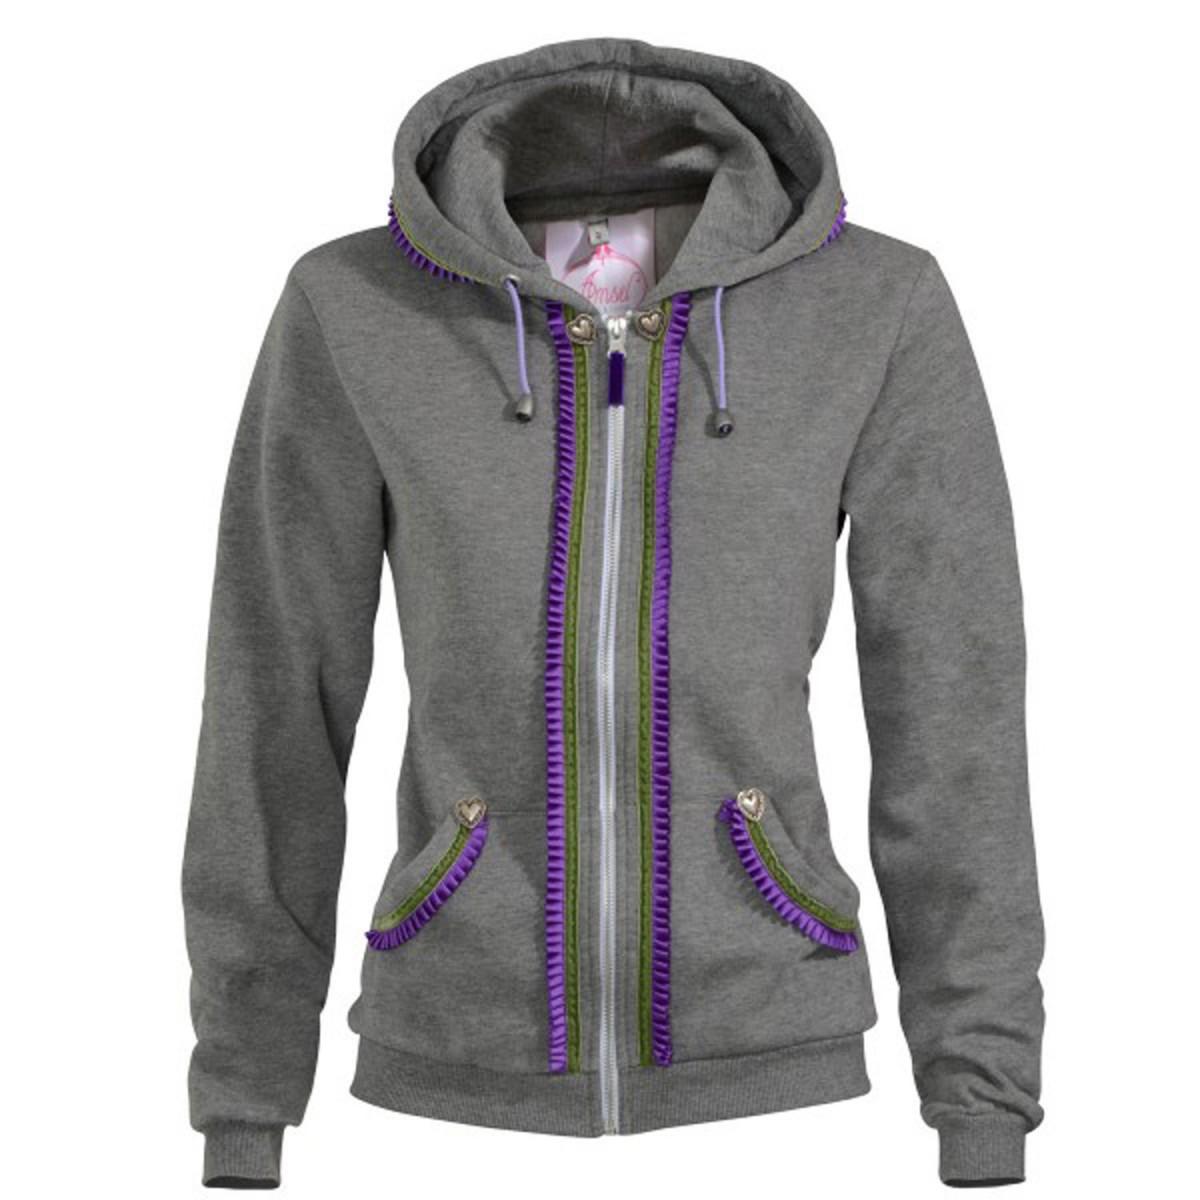 https://www.finest-trachten.de/images/produkte/i16/1681-amsel-fashion-Trachtenhoodie.jpg